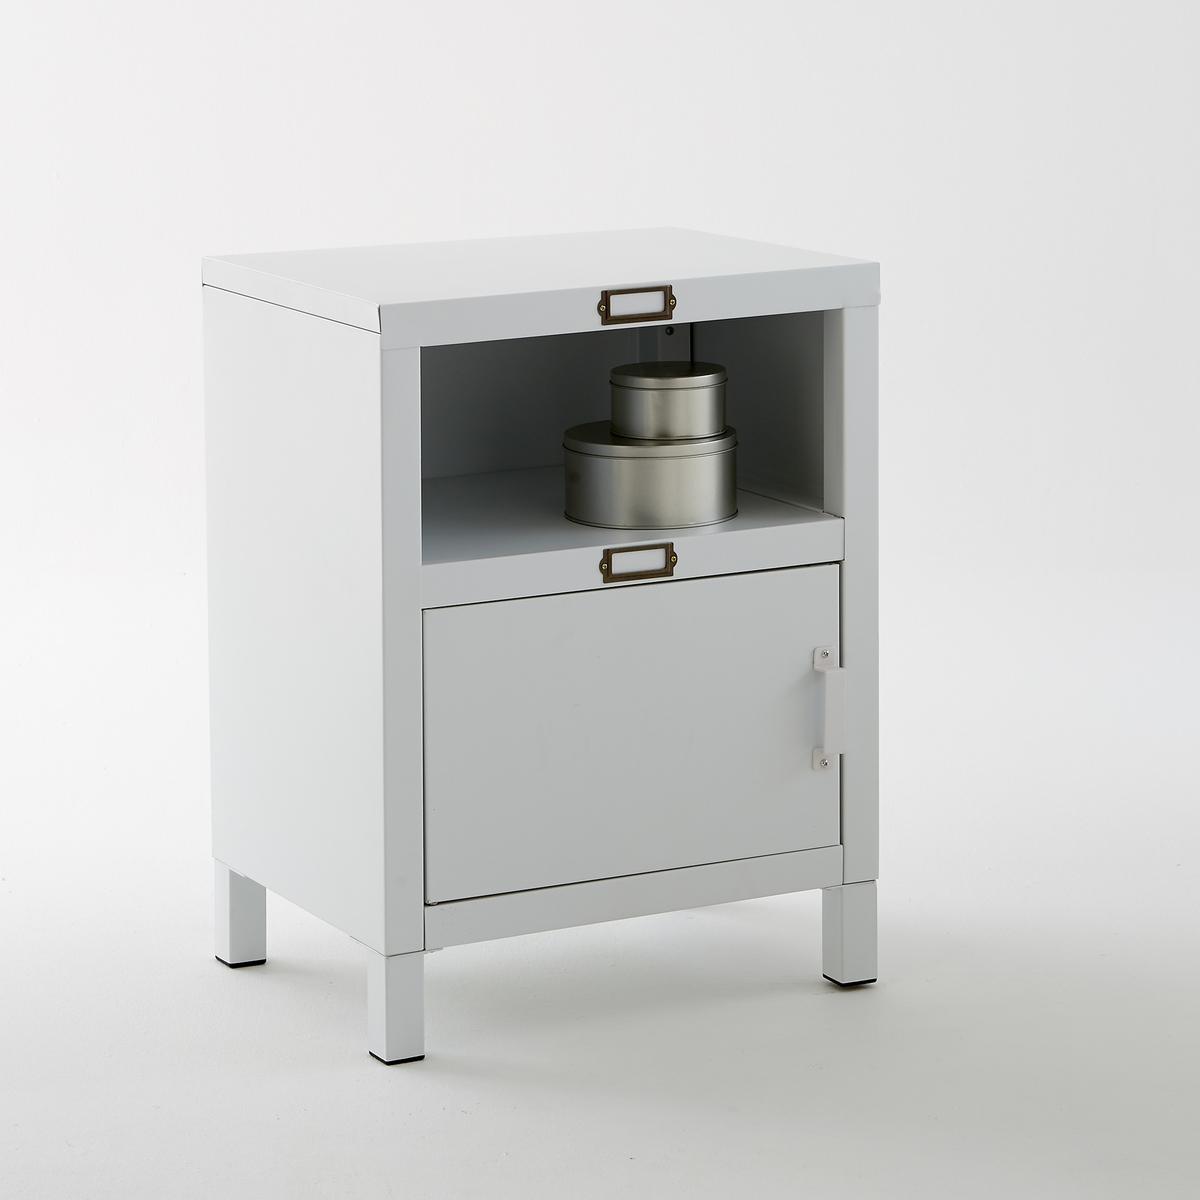 Шкаф с 1 дверкой из стали, белого матового цвета, Hiba mymilly с 1 дверкой 175 см пони